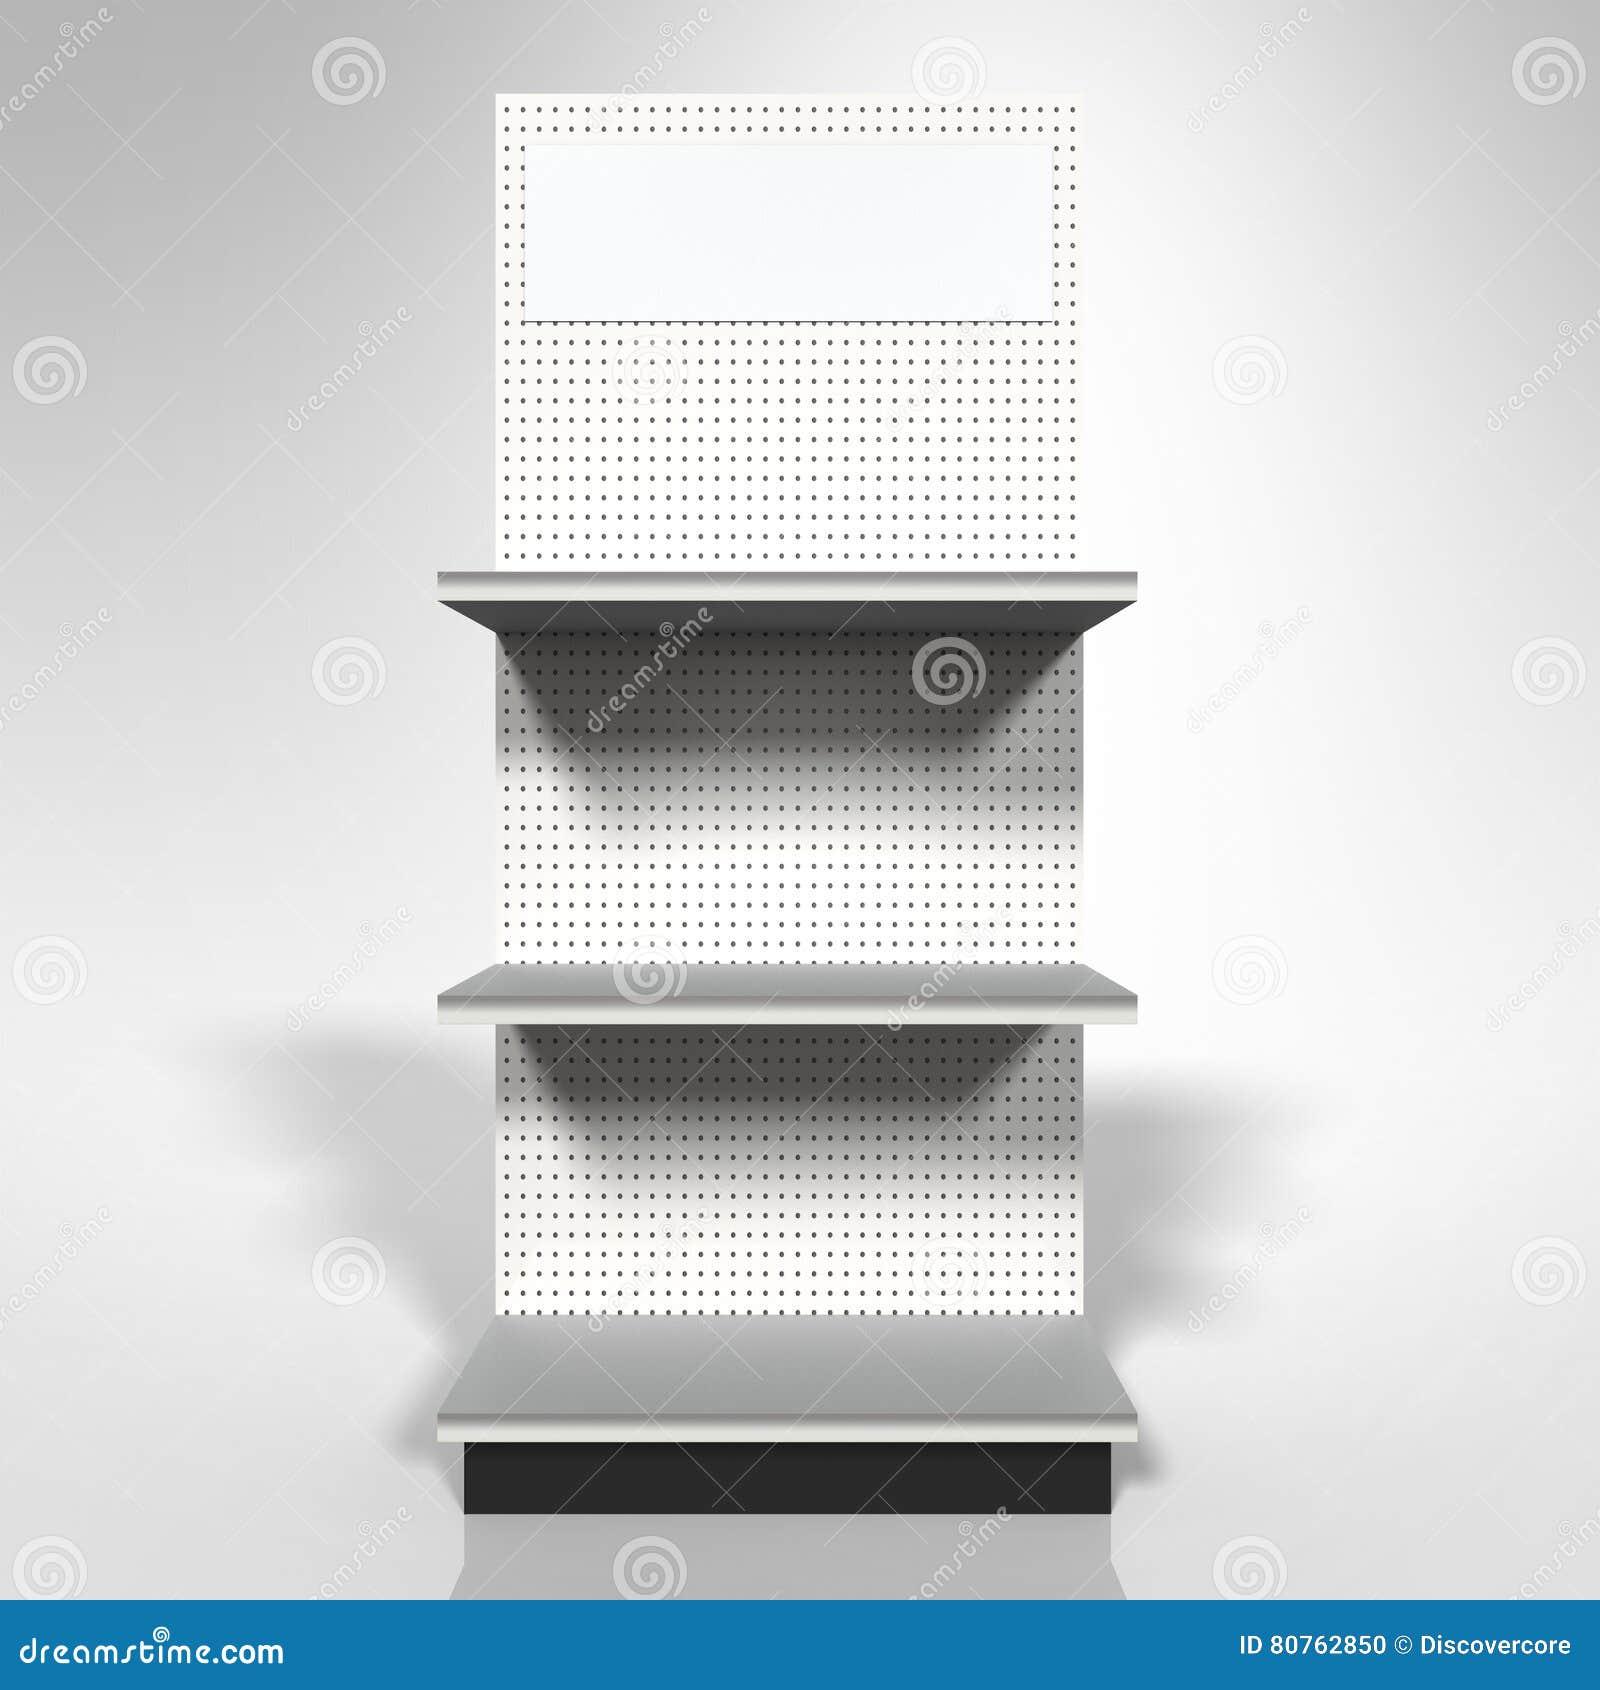 零售商品推销架子模板3